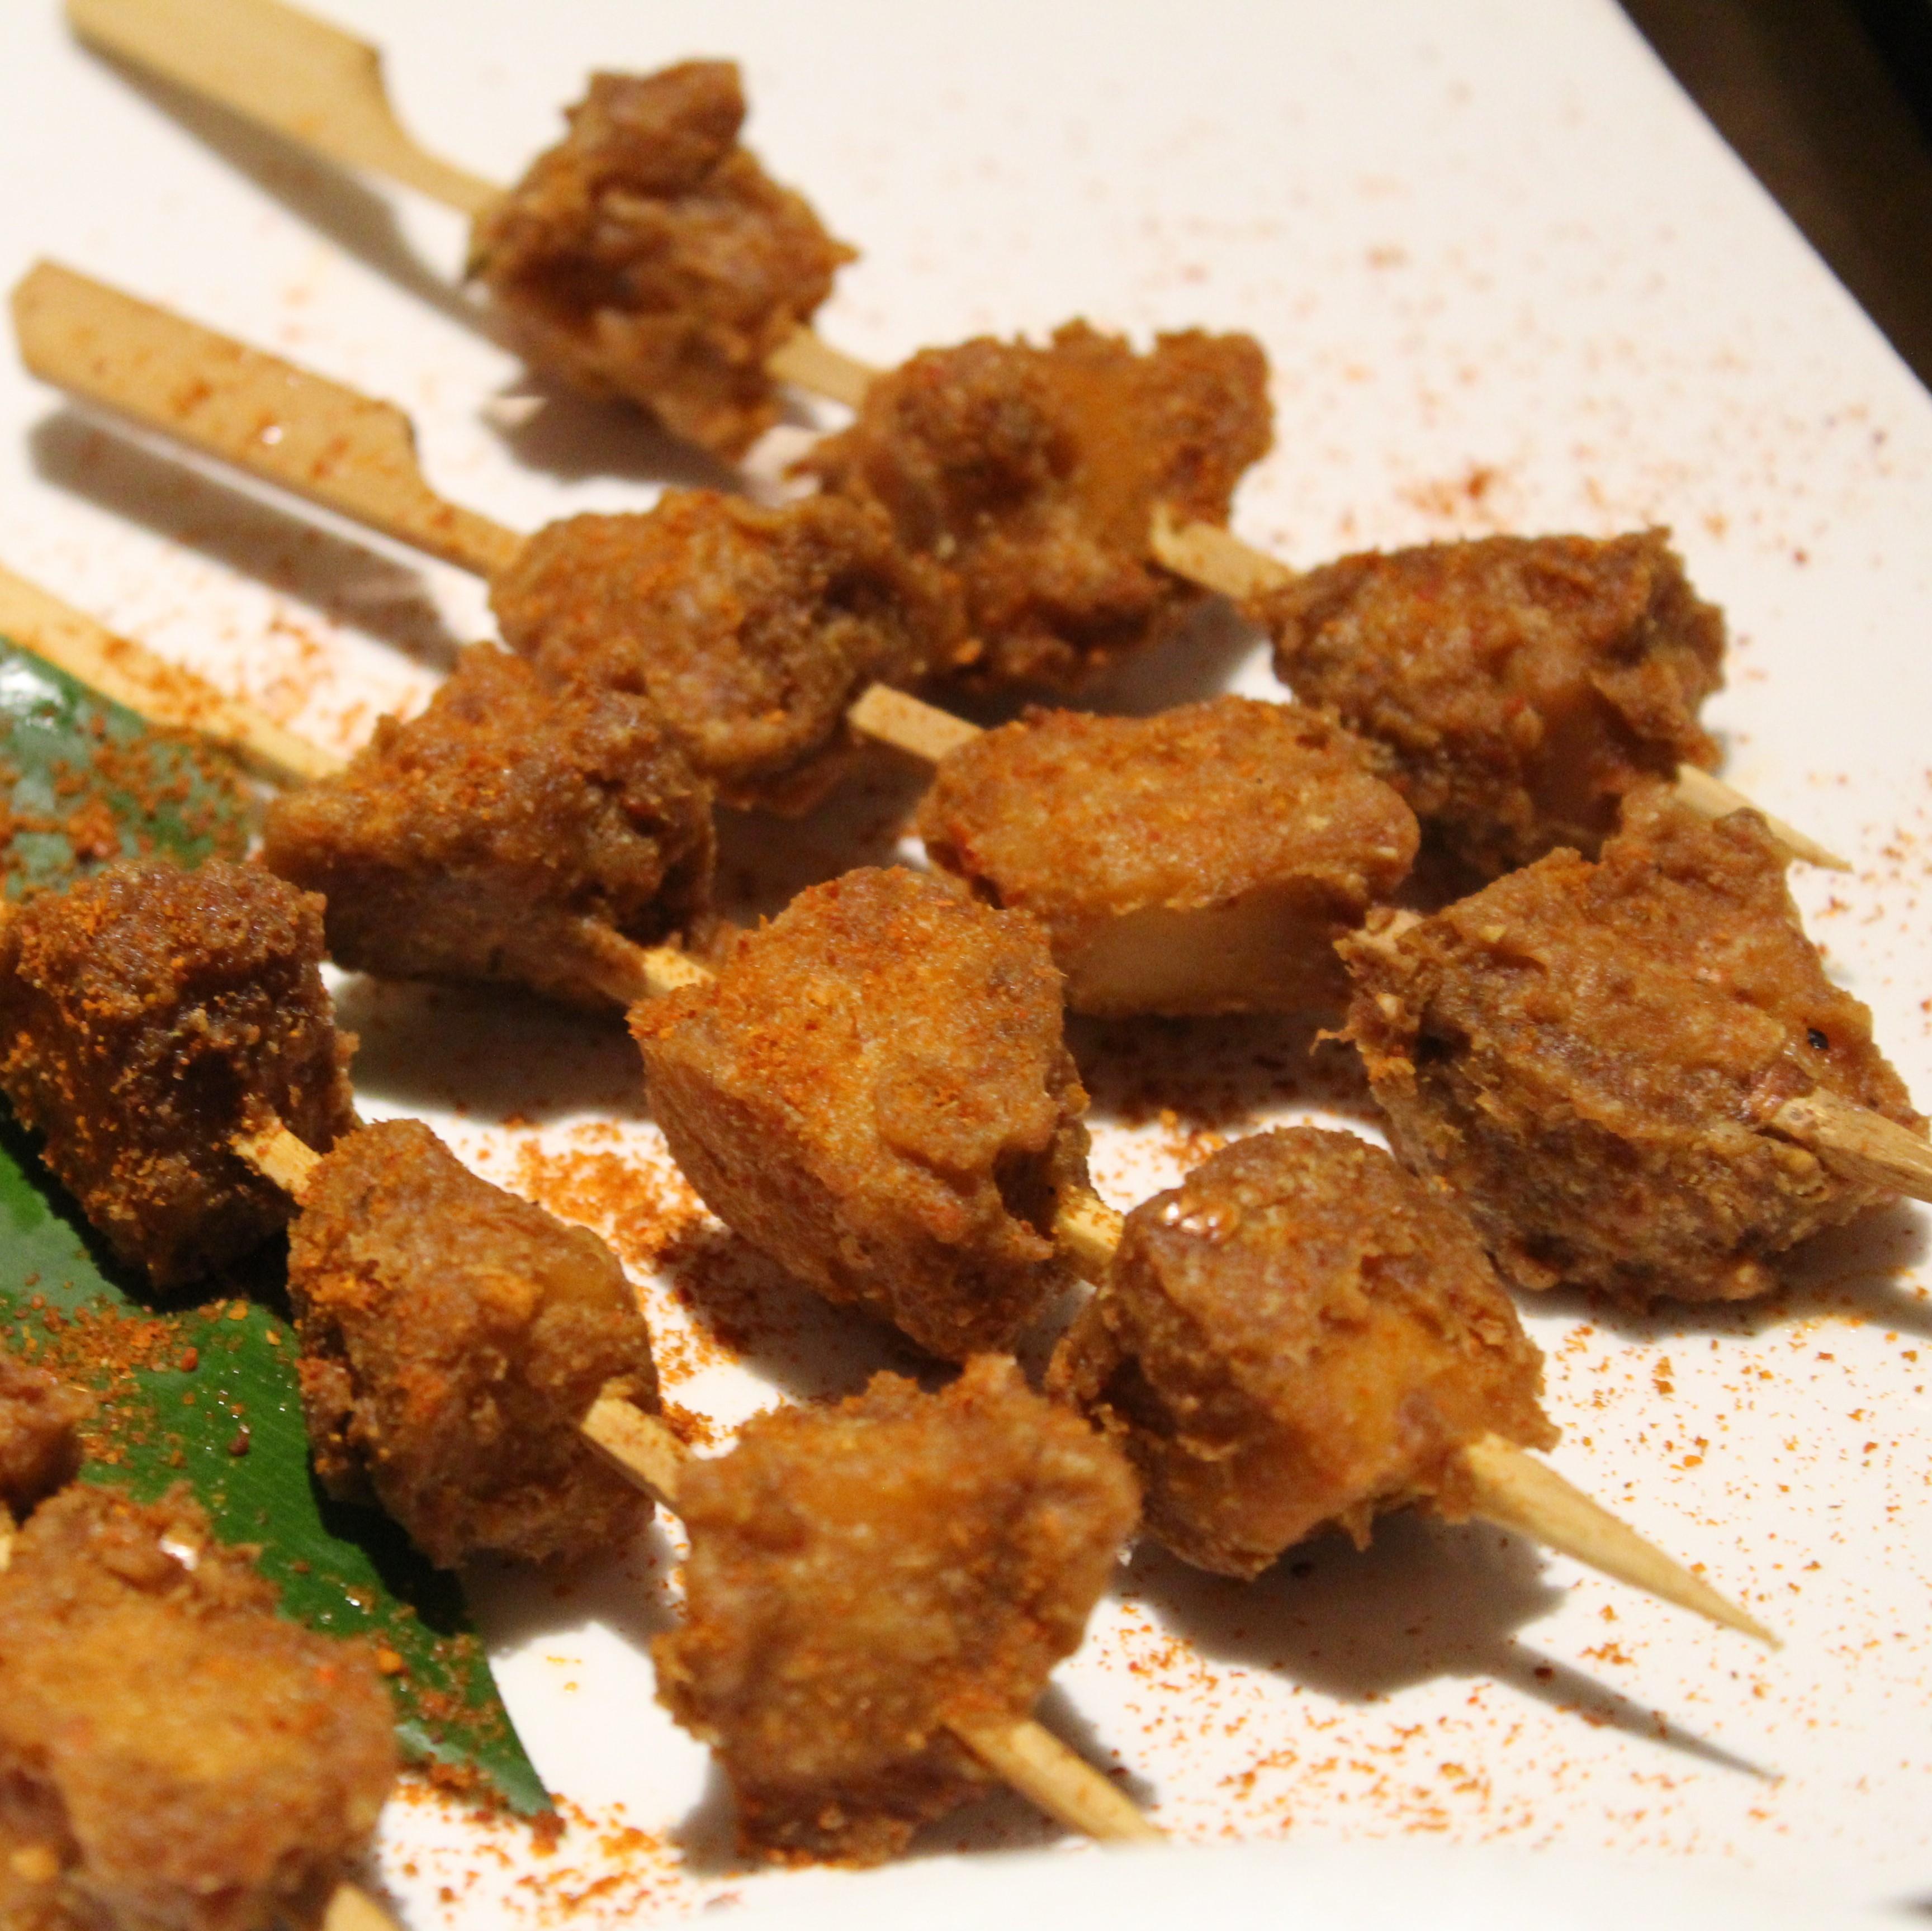 Das Bild zeigt einen weißen Porzellanteller mit Schaschlikspießen, welche Seitan-Würfel enthalten.